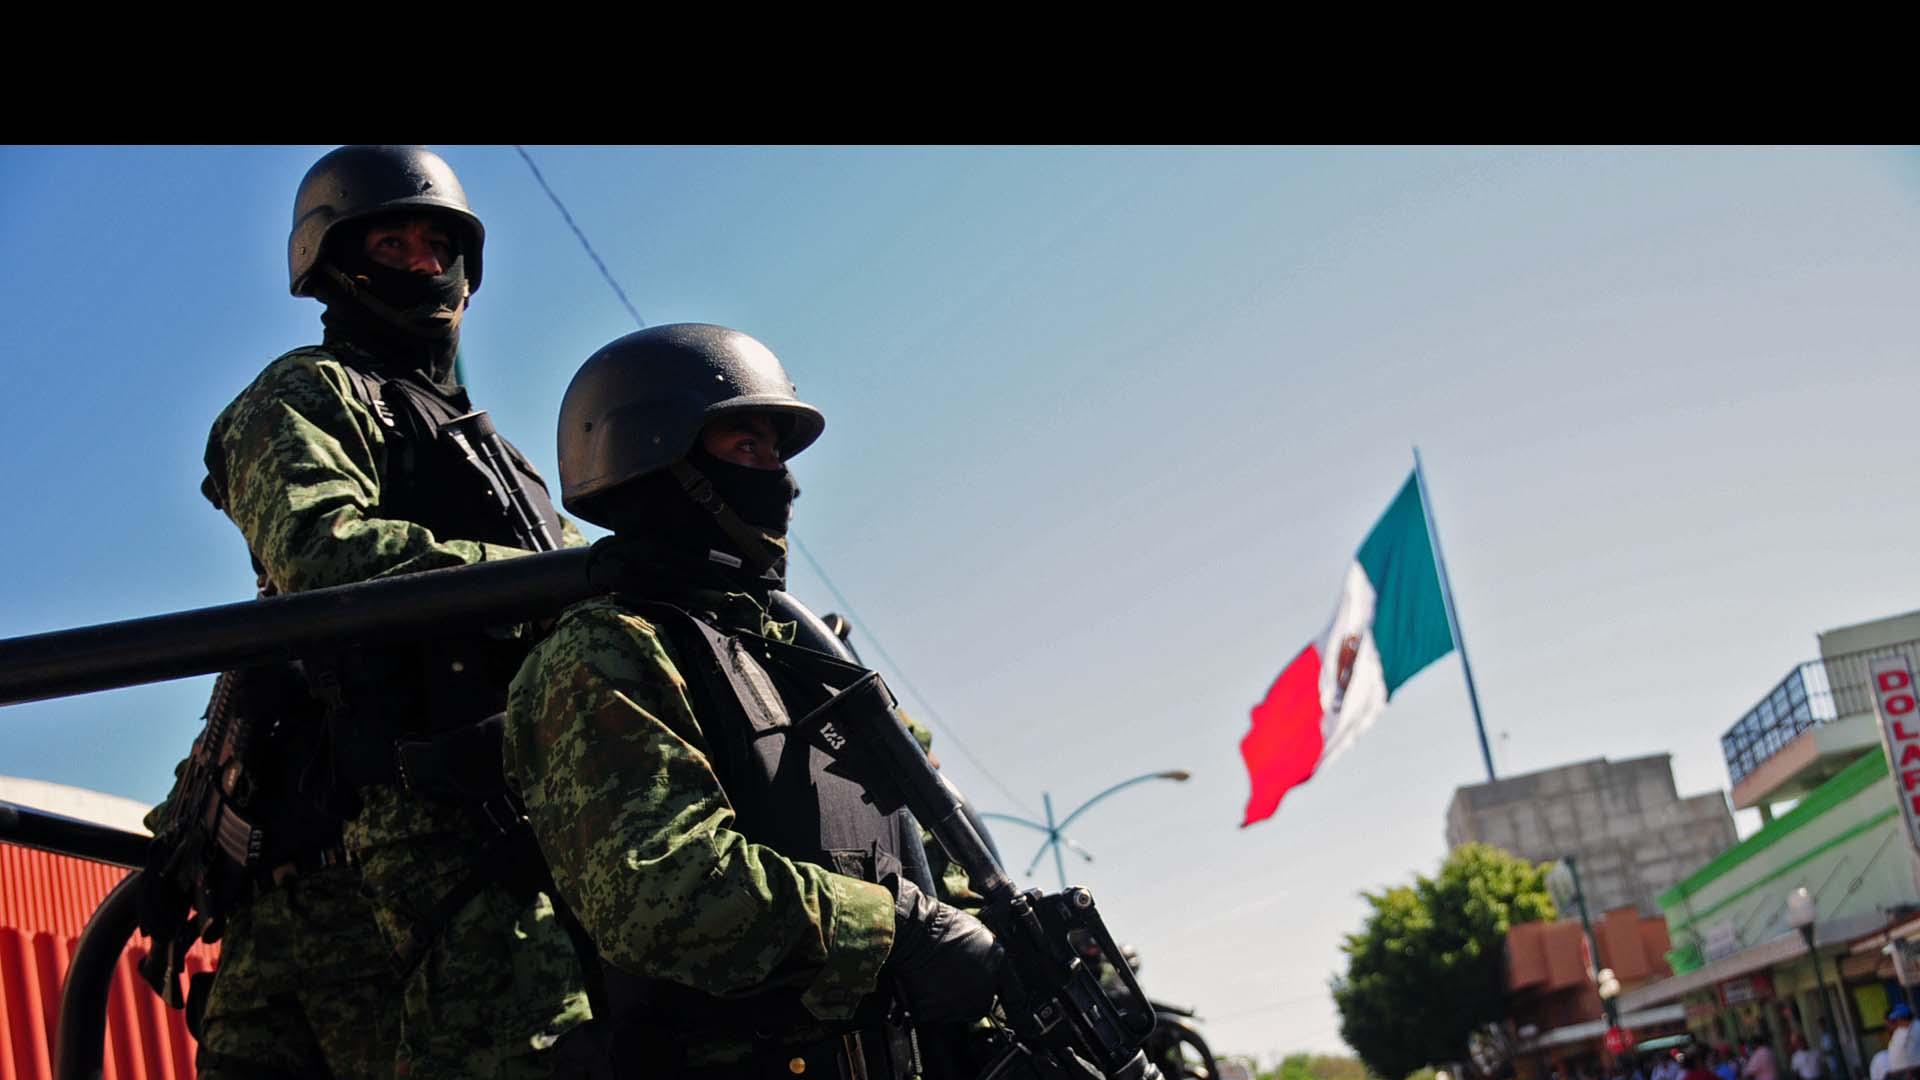 Criminales intentaban apoderarse de una zona fronteriza que permitiría agilizar el traslado de droga a EE.UU.